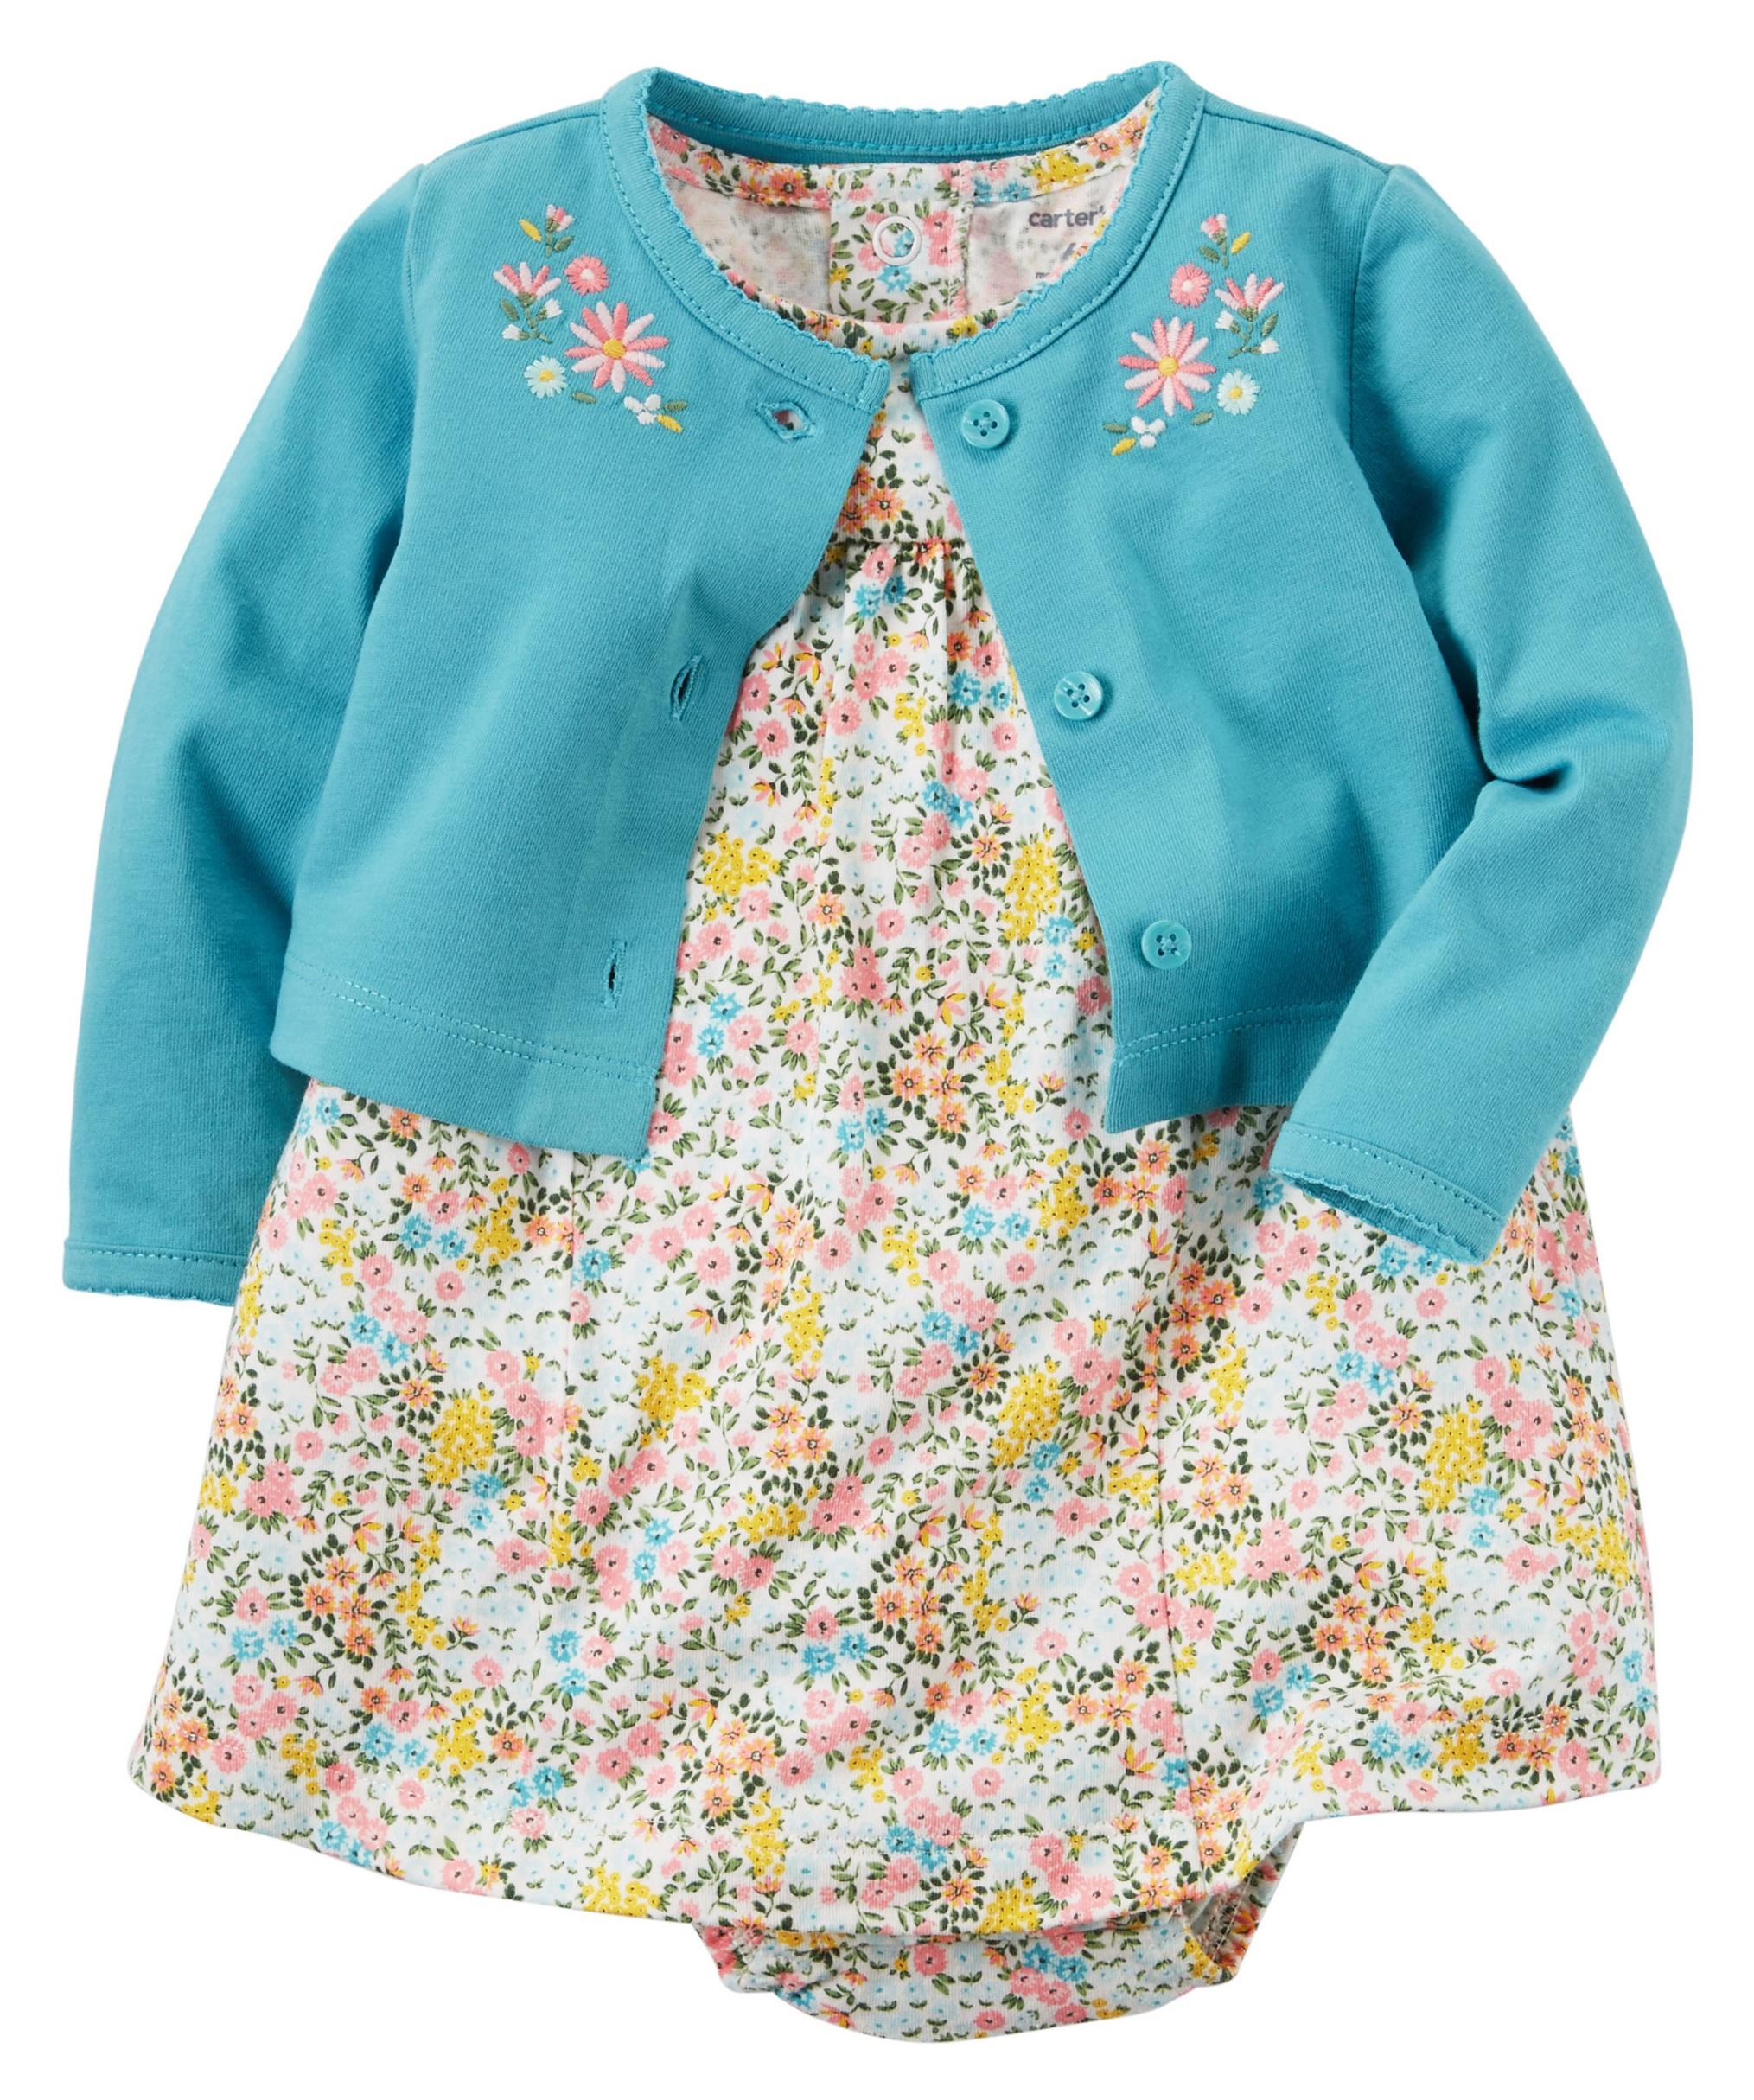 ست 2 تکه لباس نوزادی دخترانه کارترز مدل 934